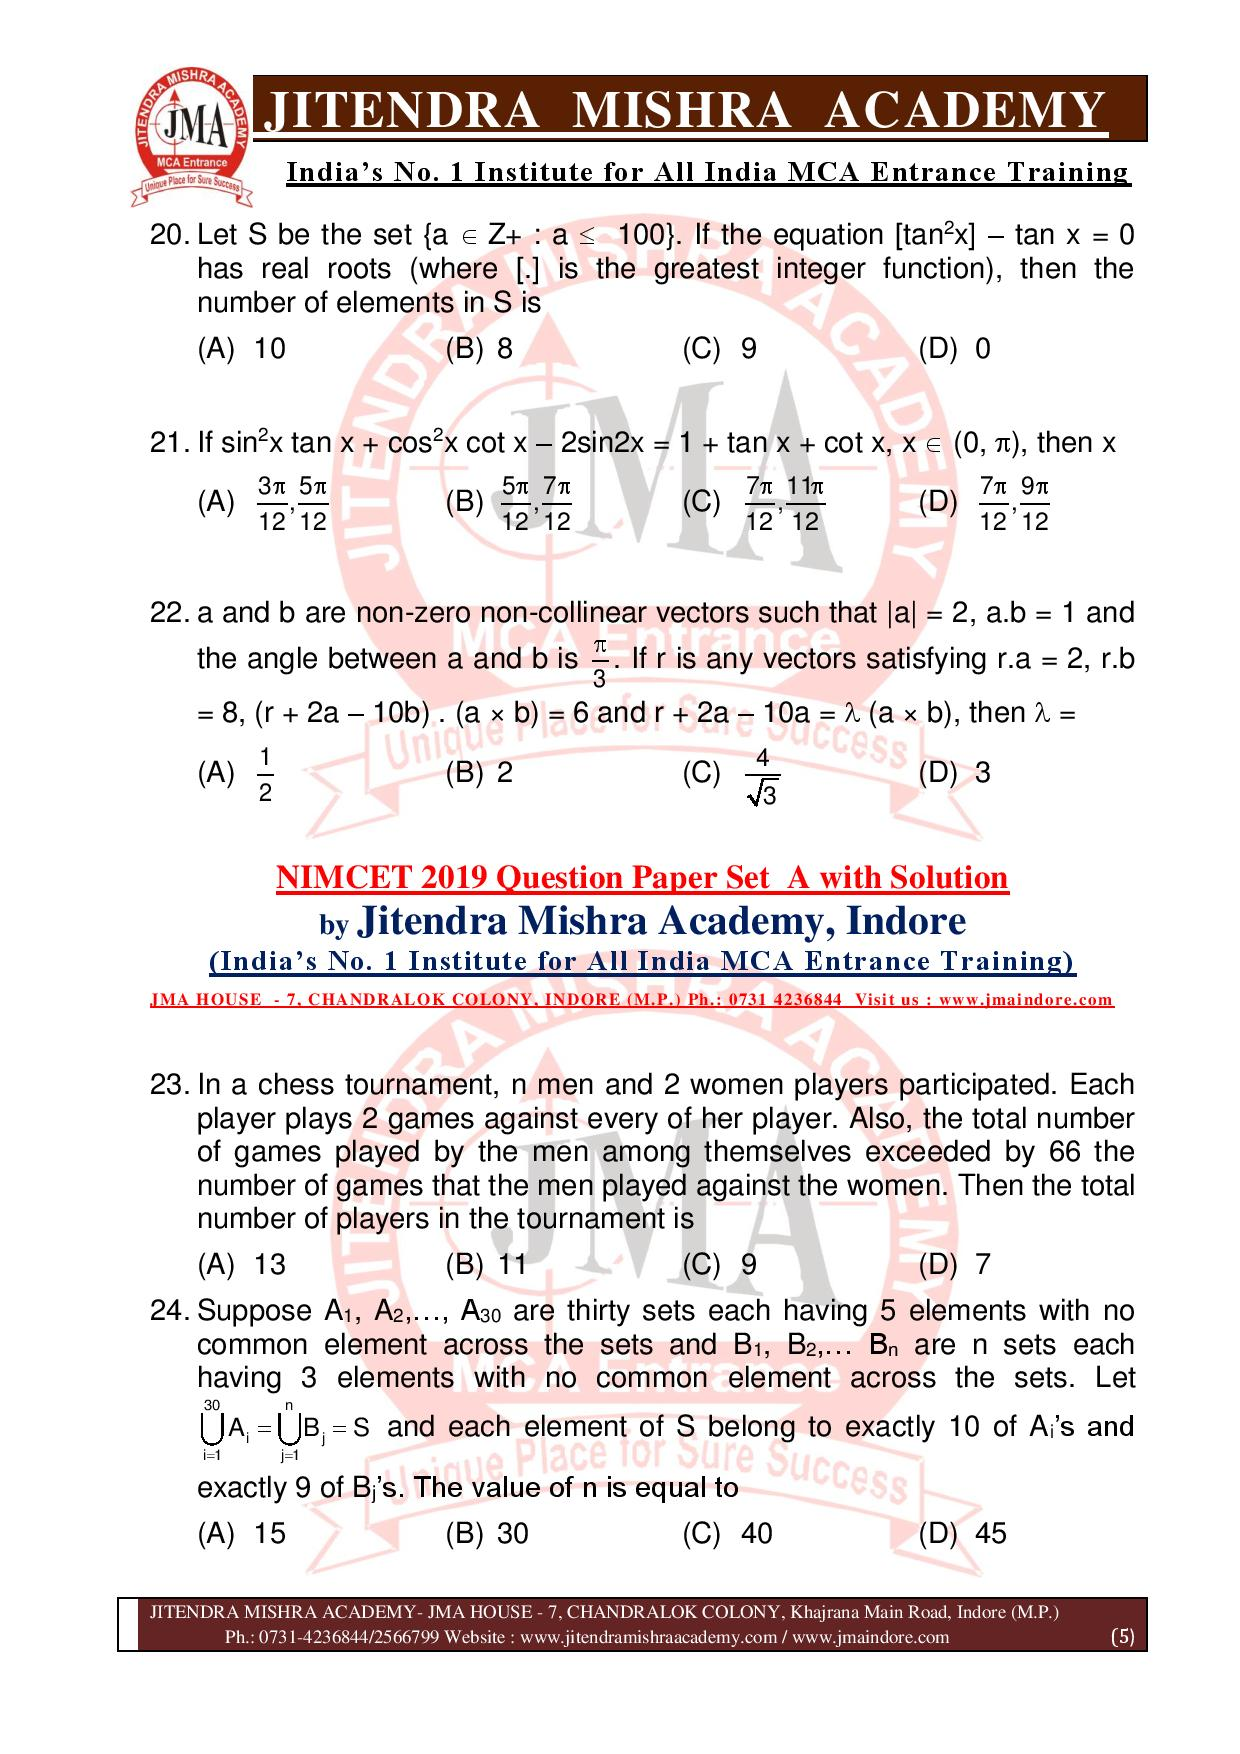 NIMCET 2019 QUESTION PAPER (SET - A) final-page-005